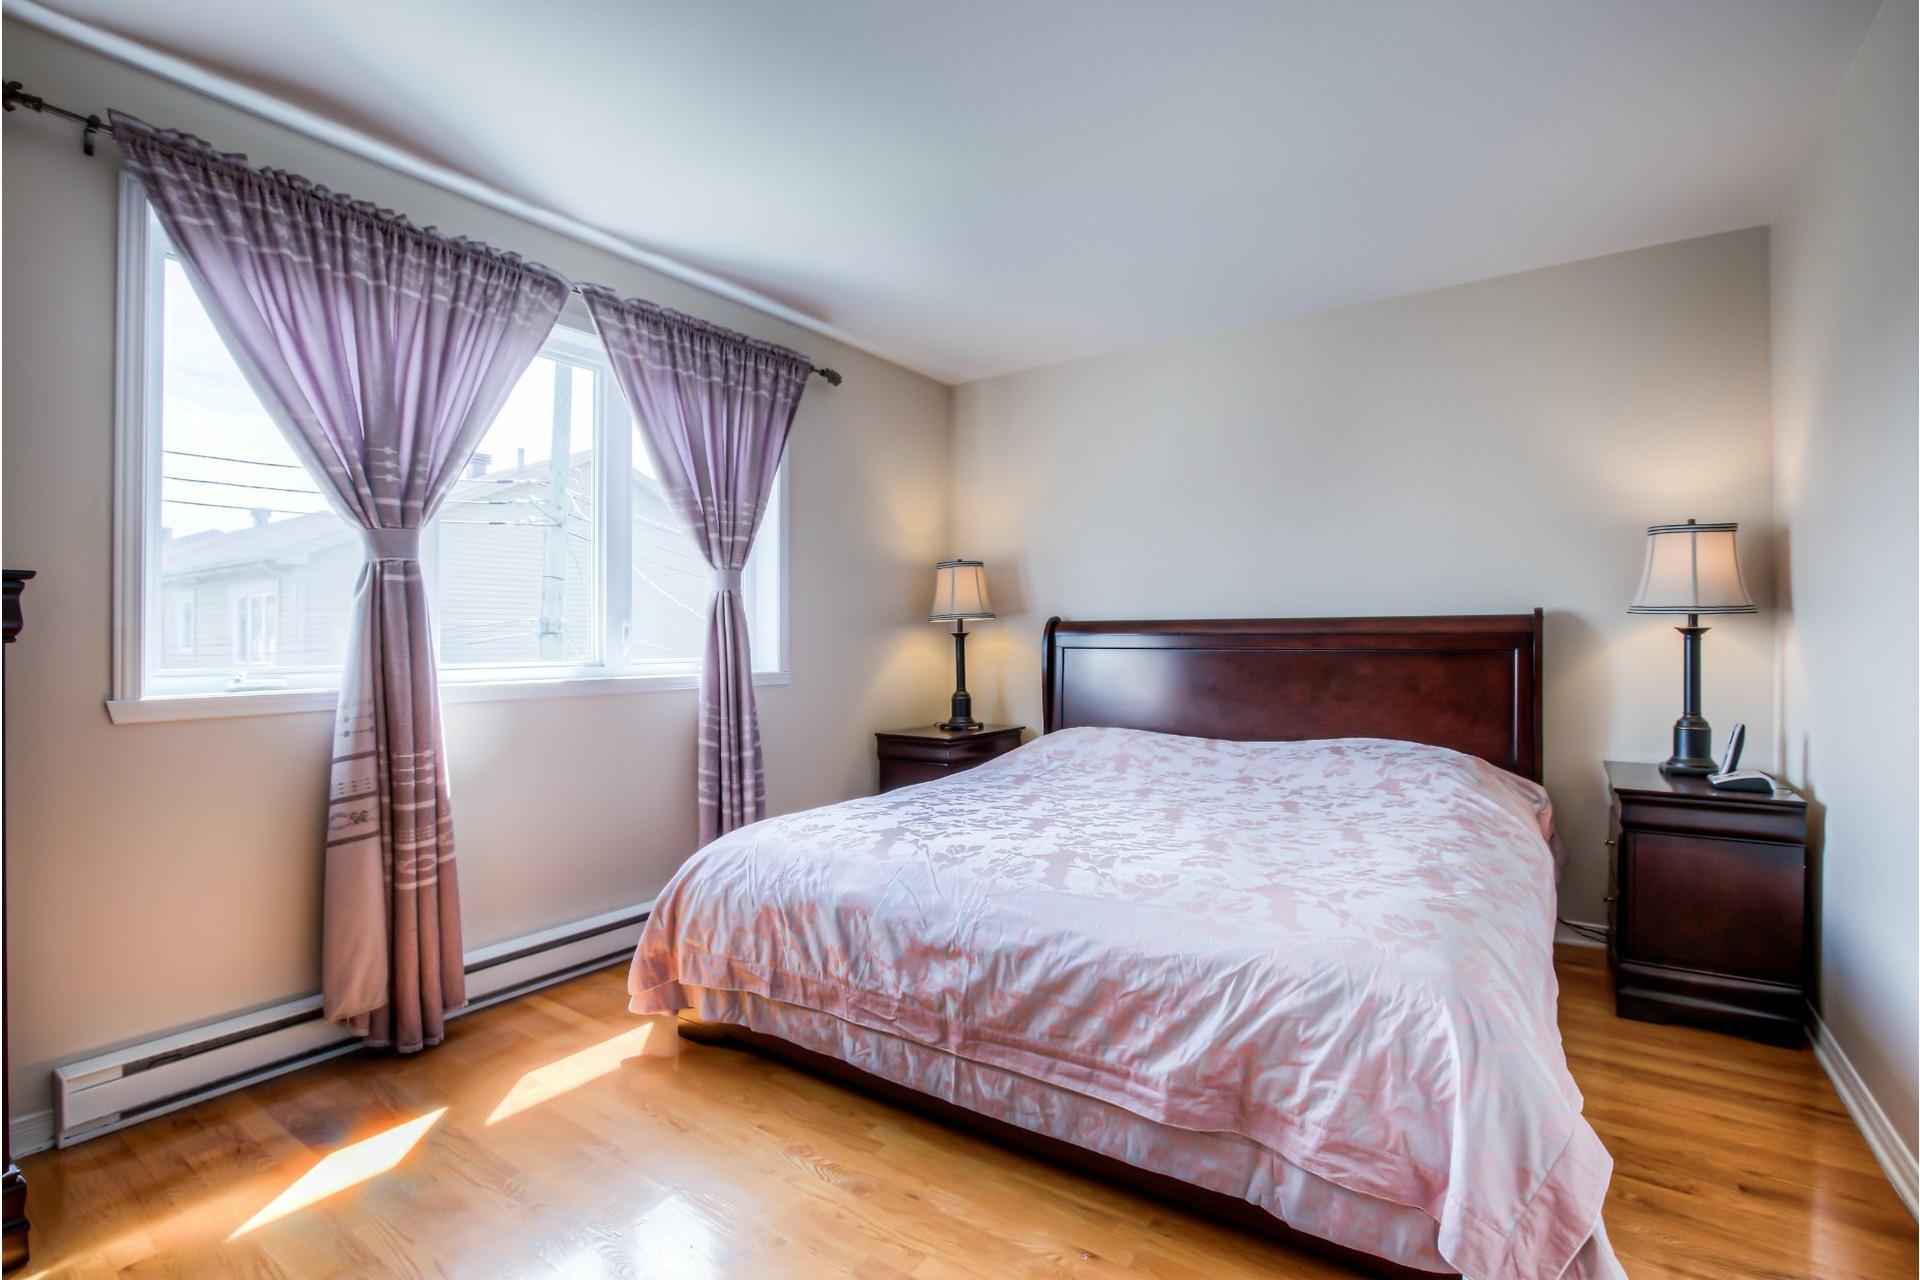 image 13 - Maison À vendre Pierrefonds-Roxboro Montréal  - 8 pièces